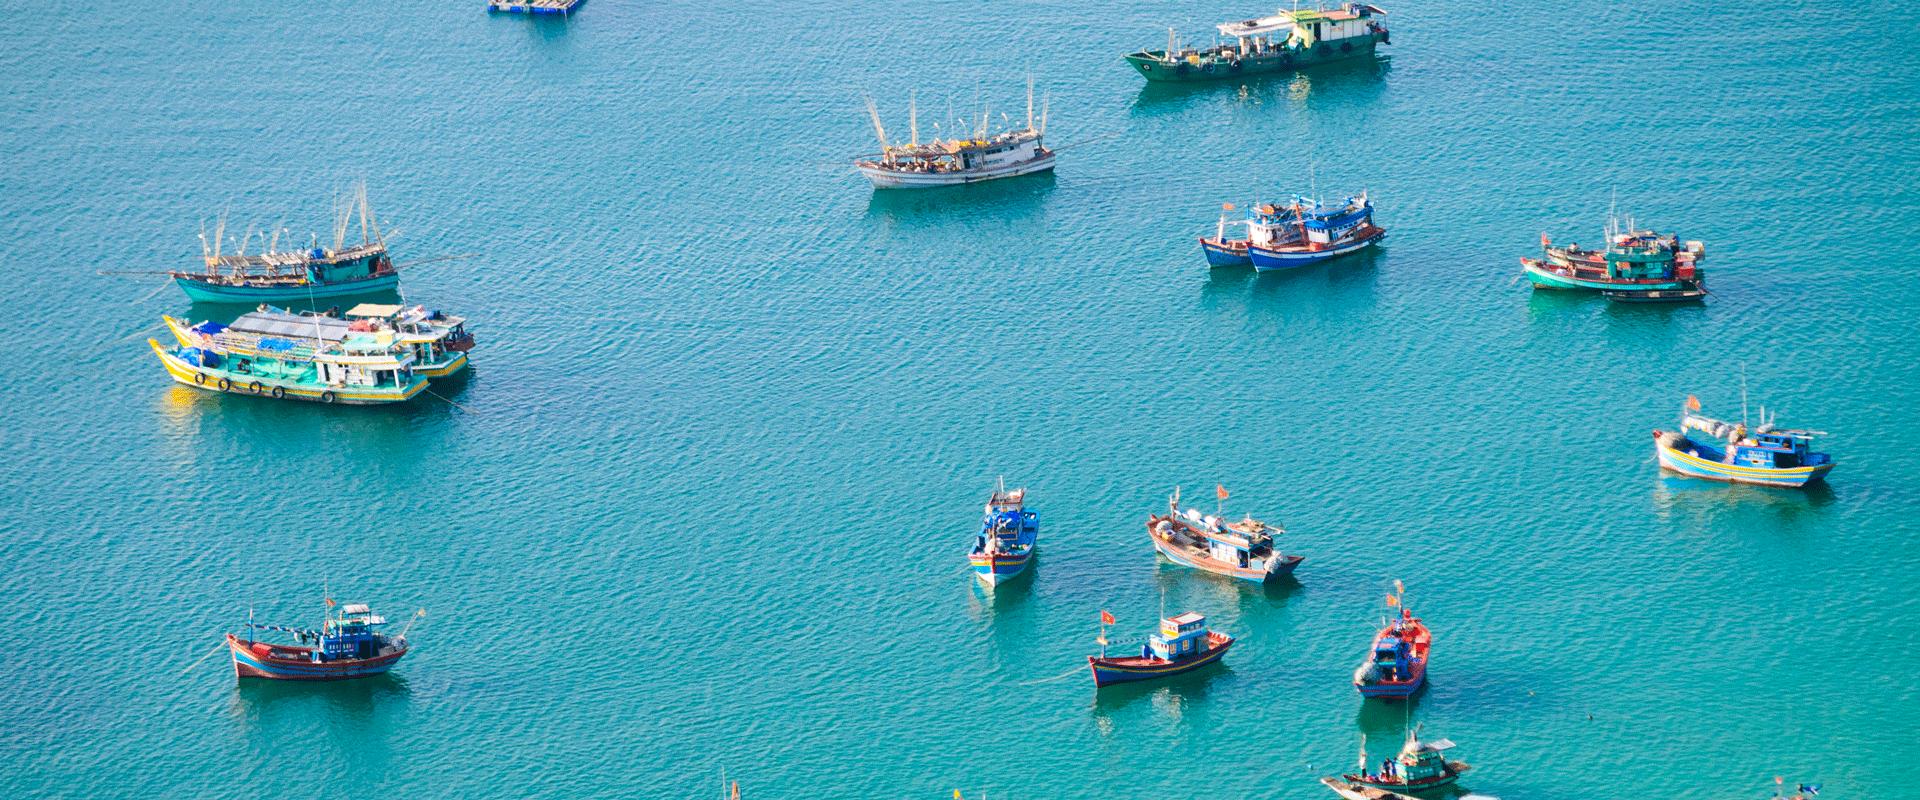 bateaux bord de mer asie